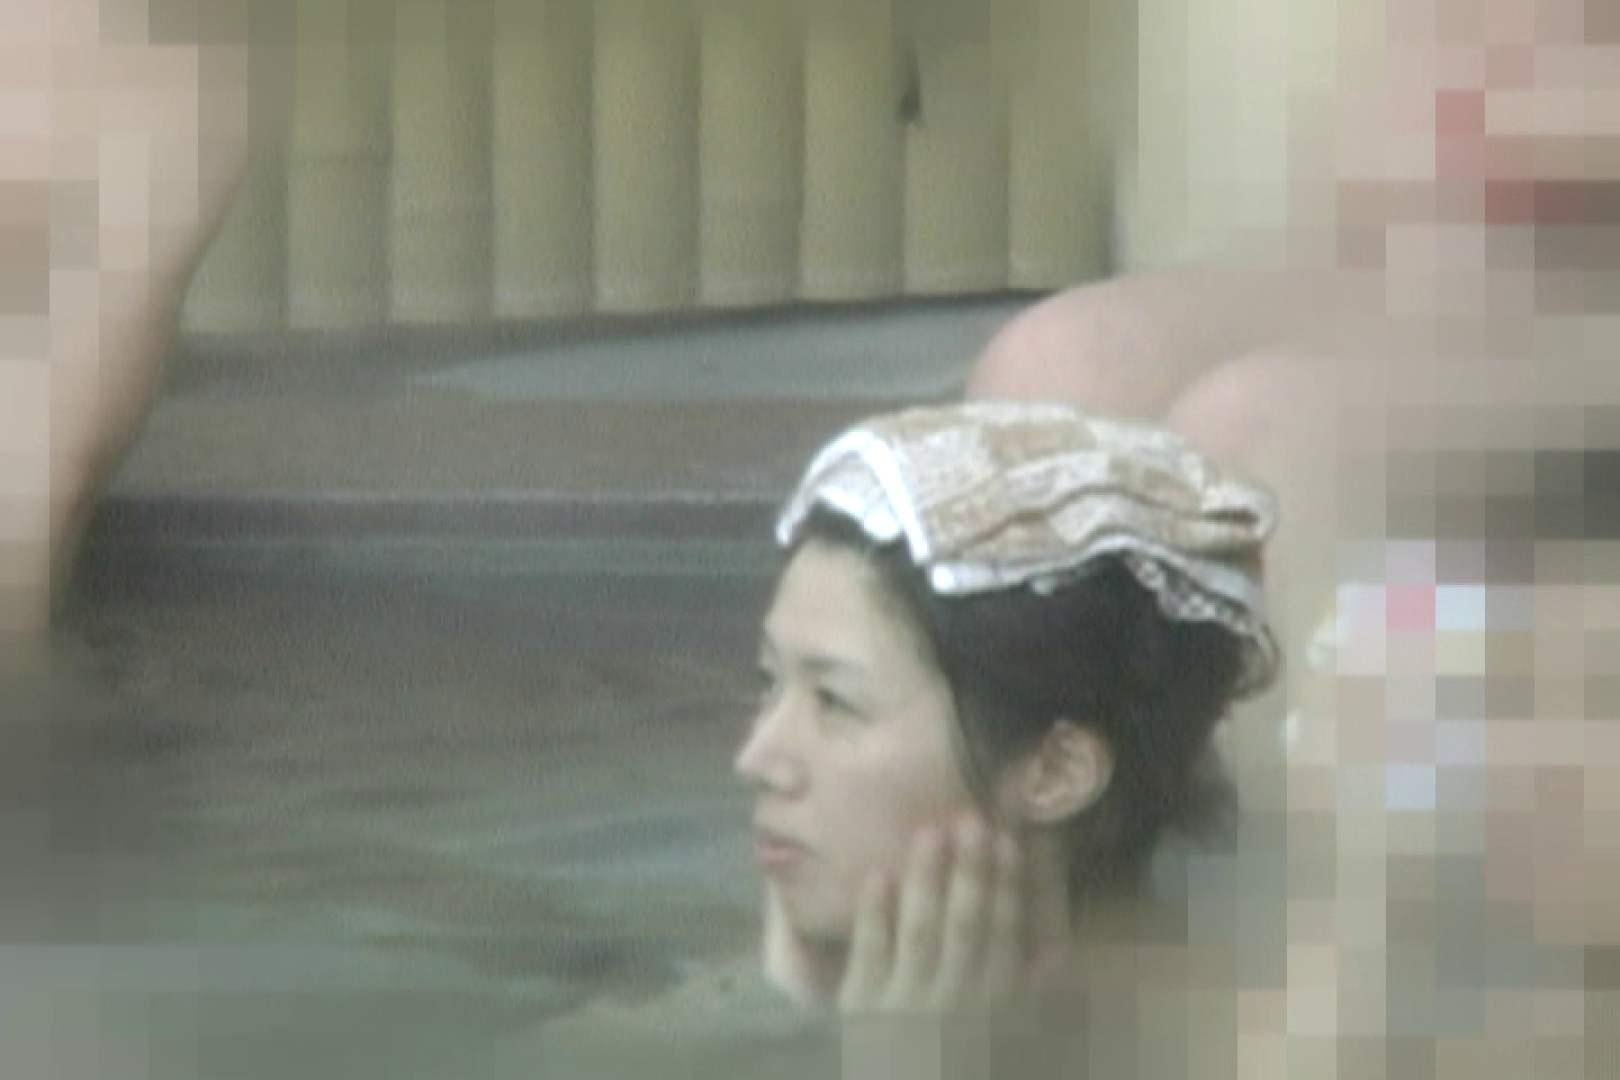 Aquaな露天風呂Vol.856 露天風呂  74連発 24